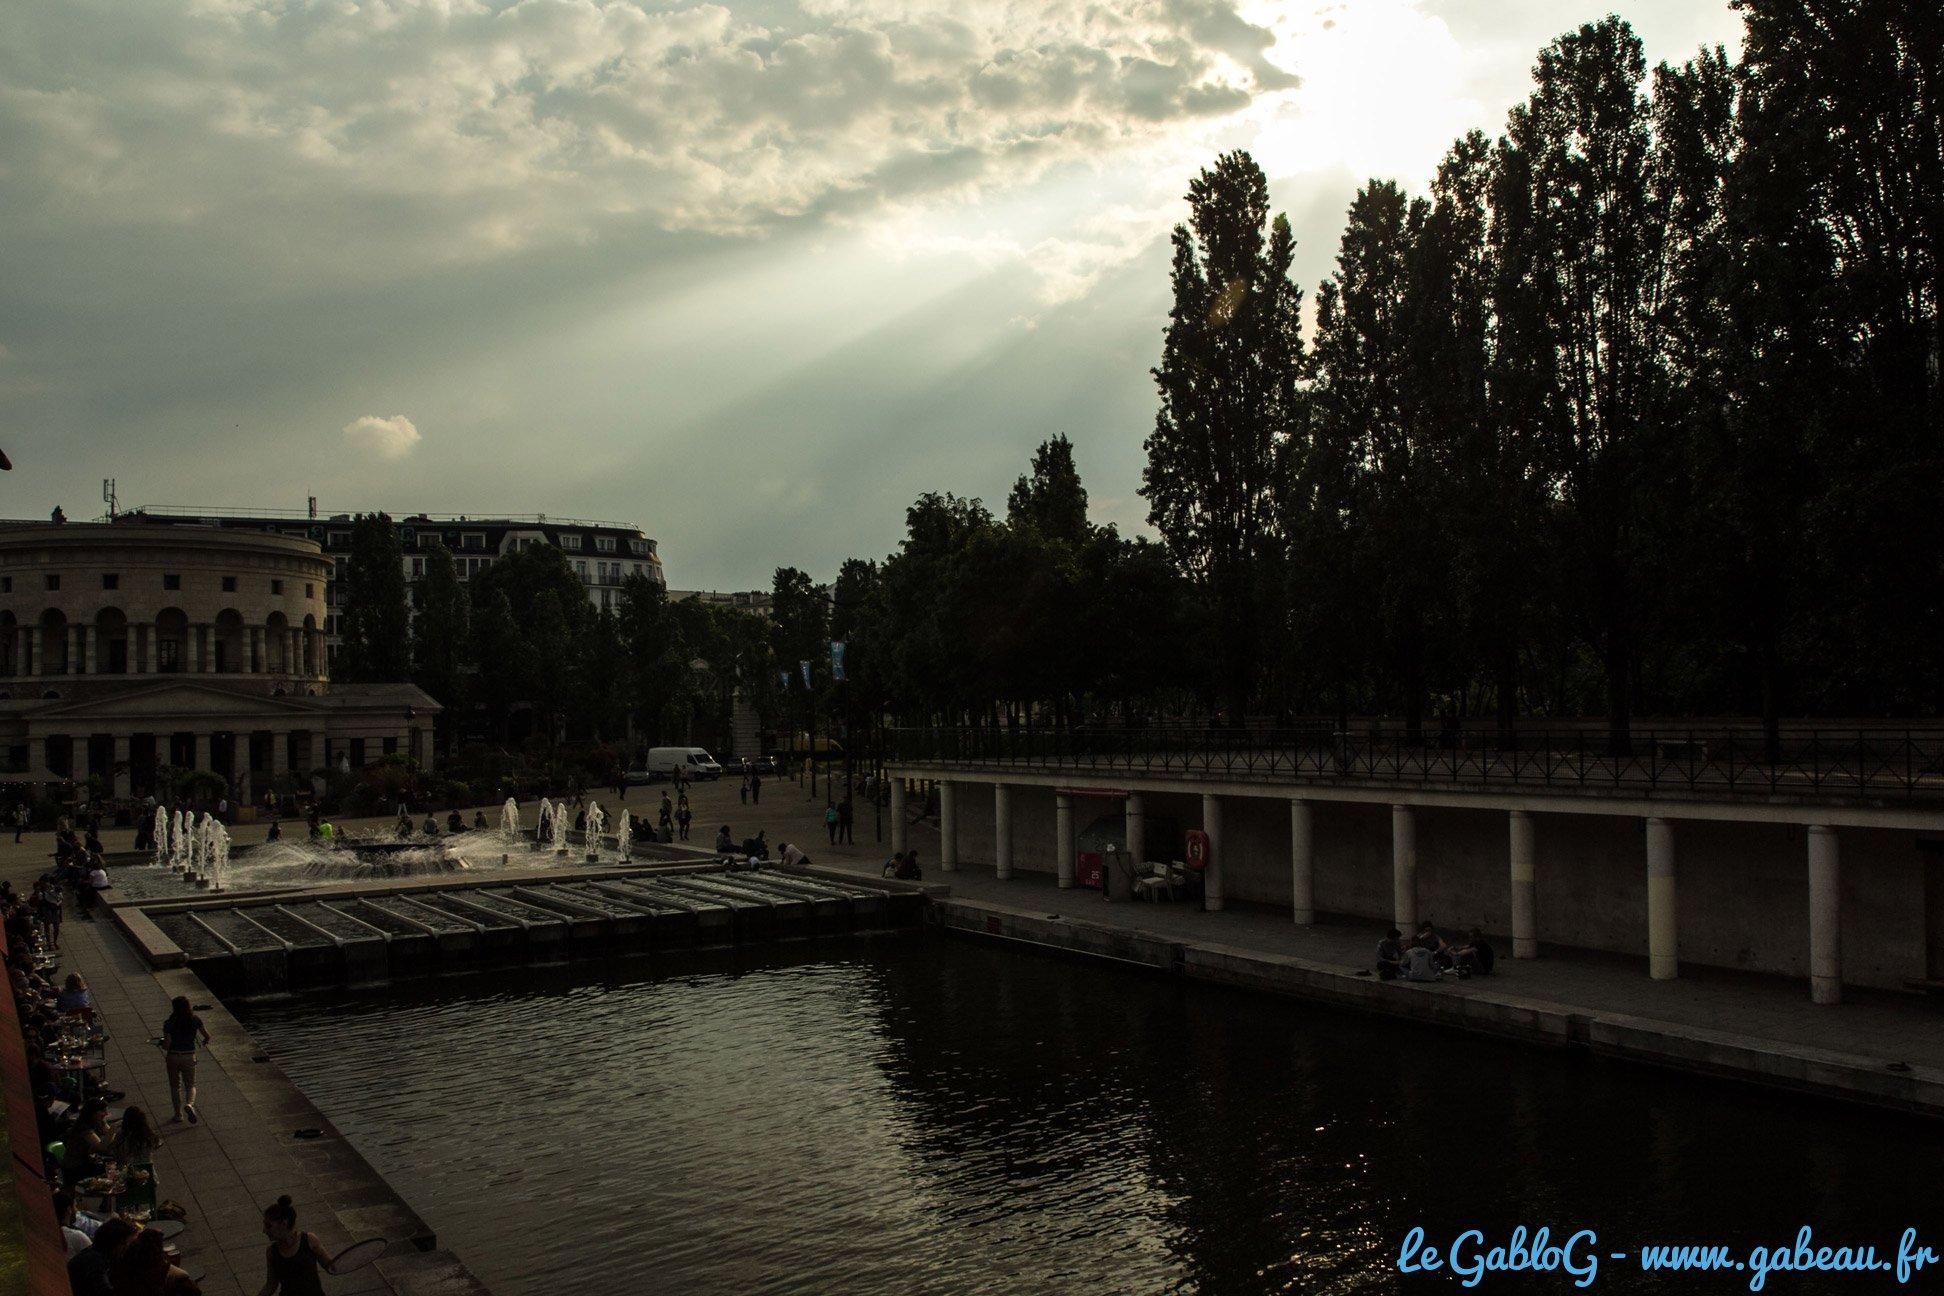 Vue du bassin de la Villettte